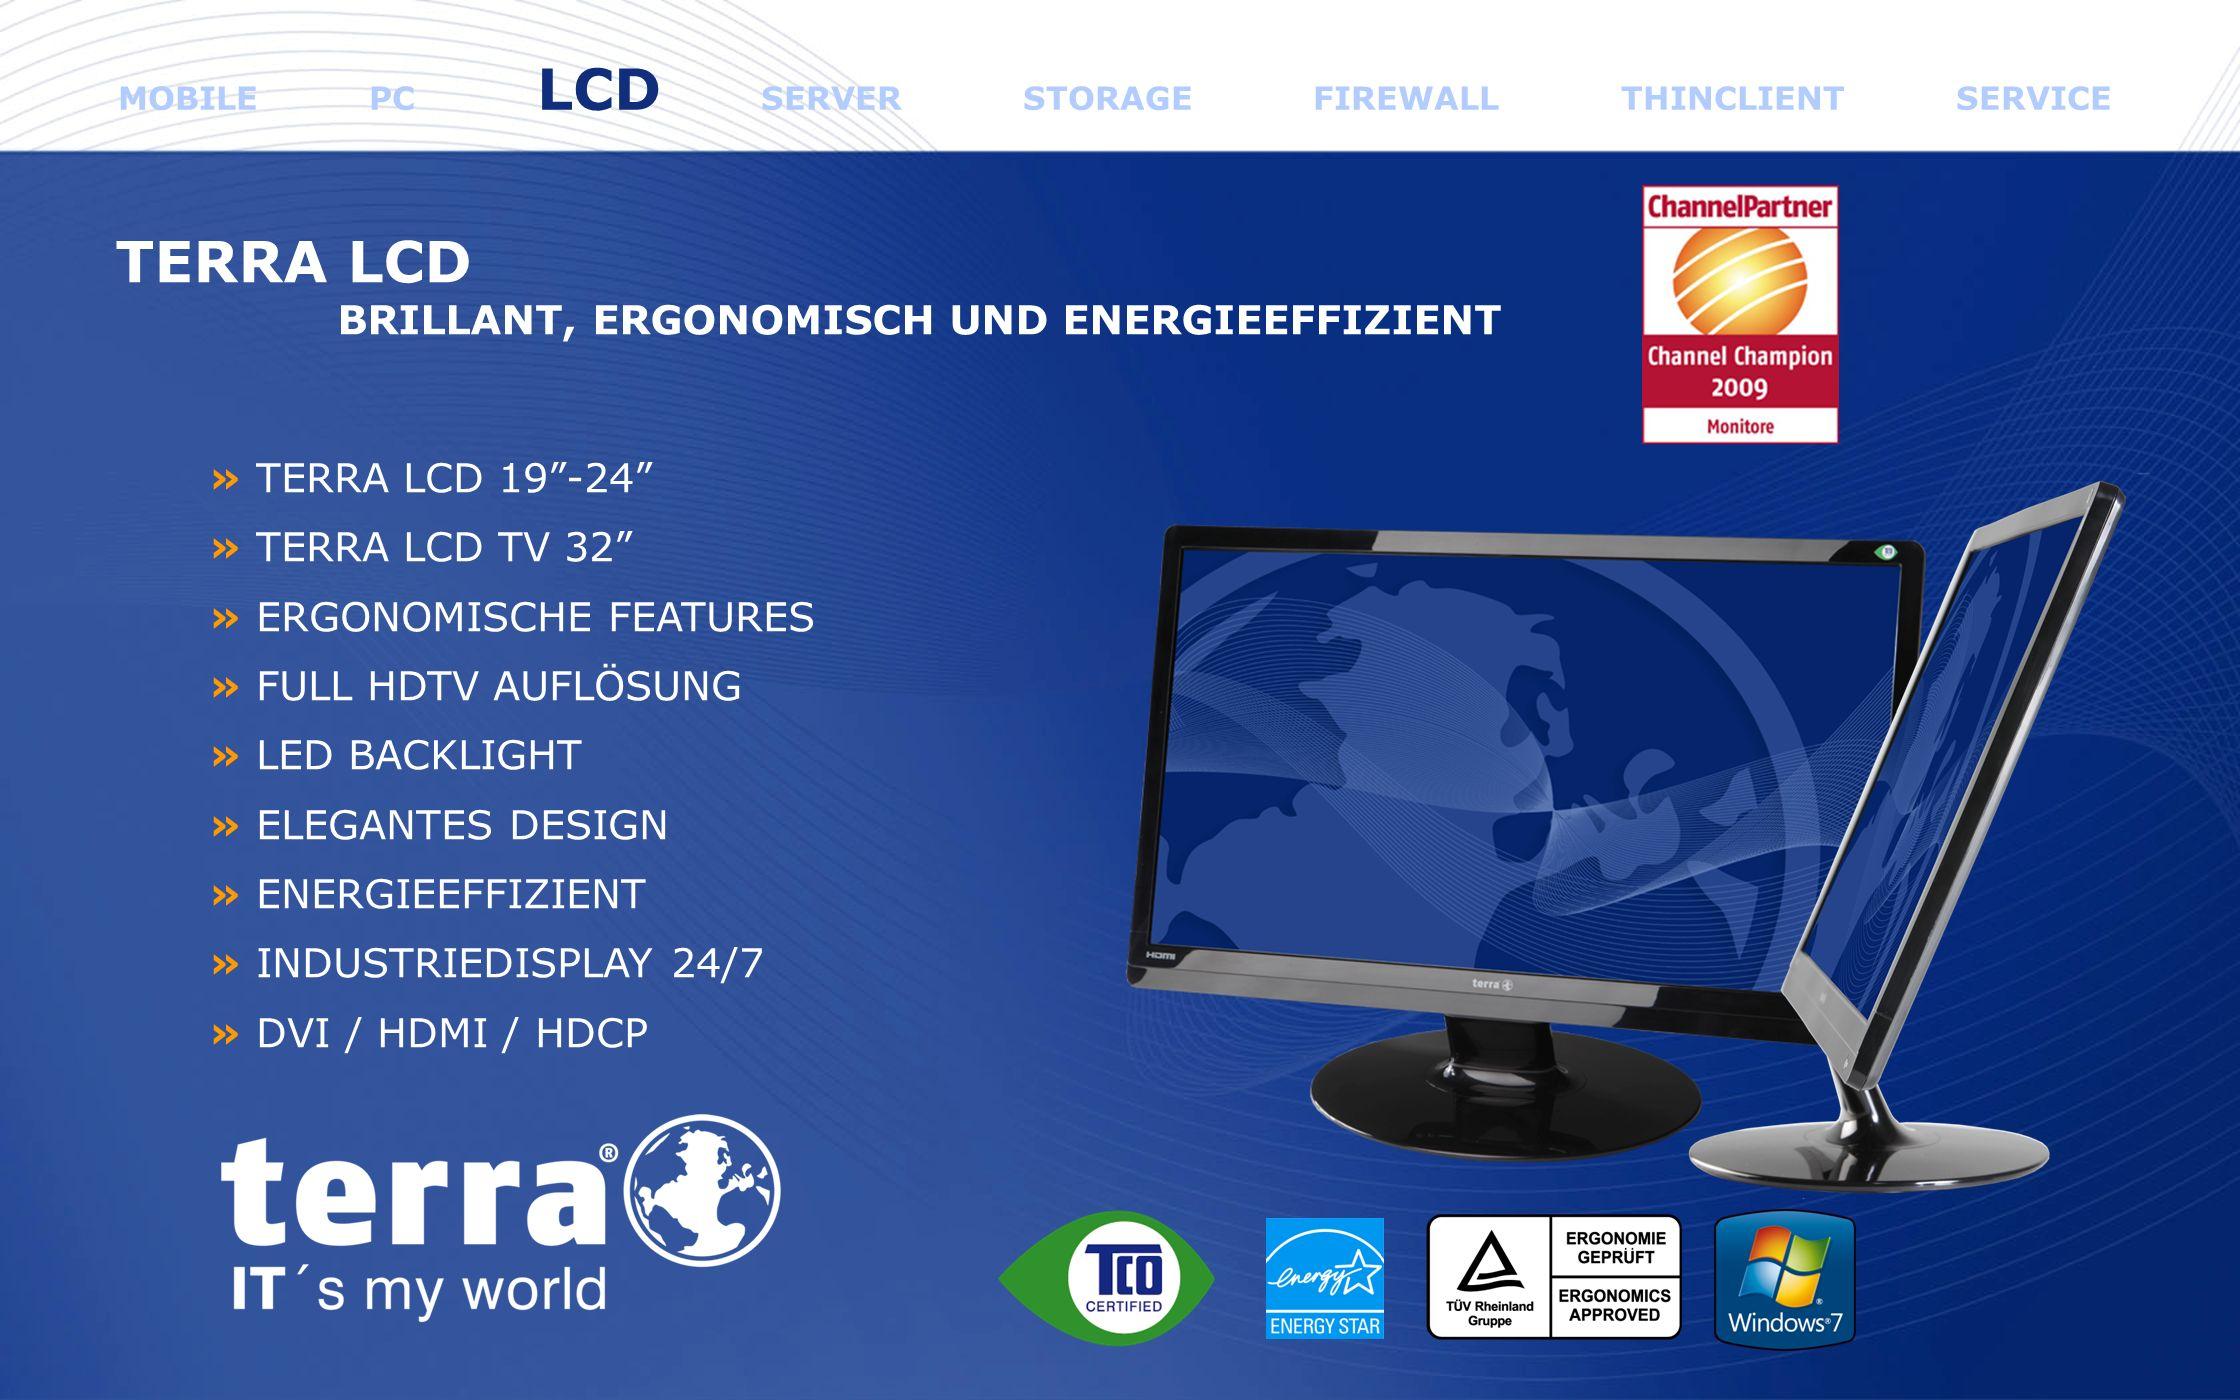 TERRA LCD BRILLANT, ERGONOMISCH UND ENERGIEEFFIZIENT